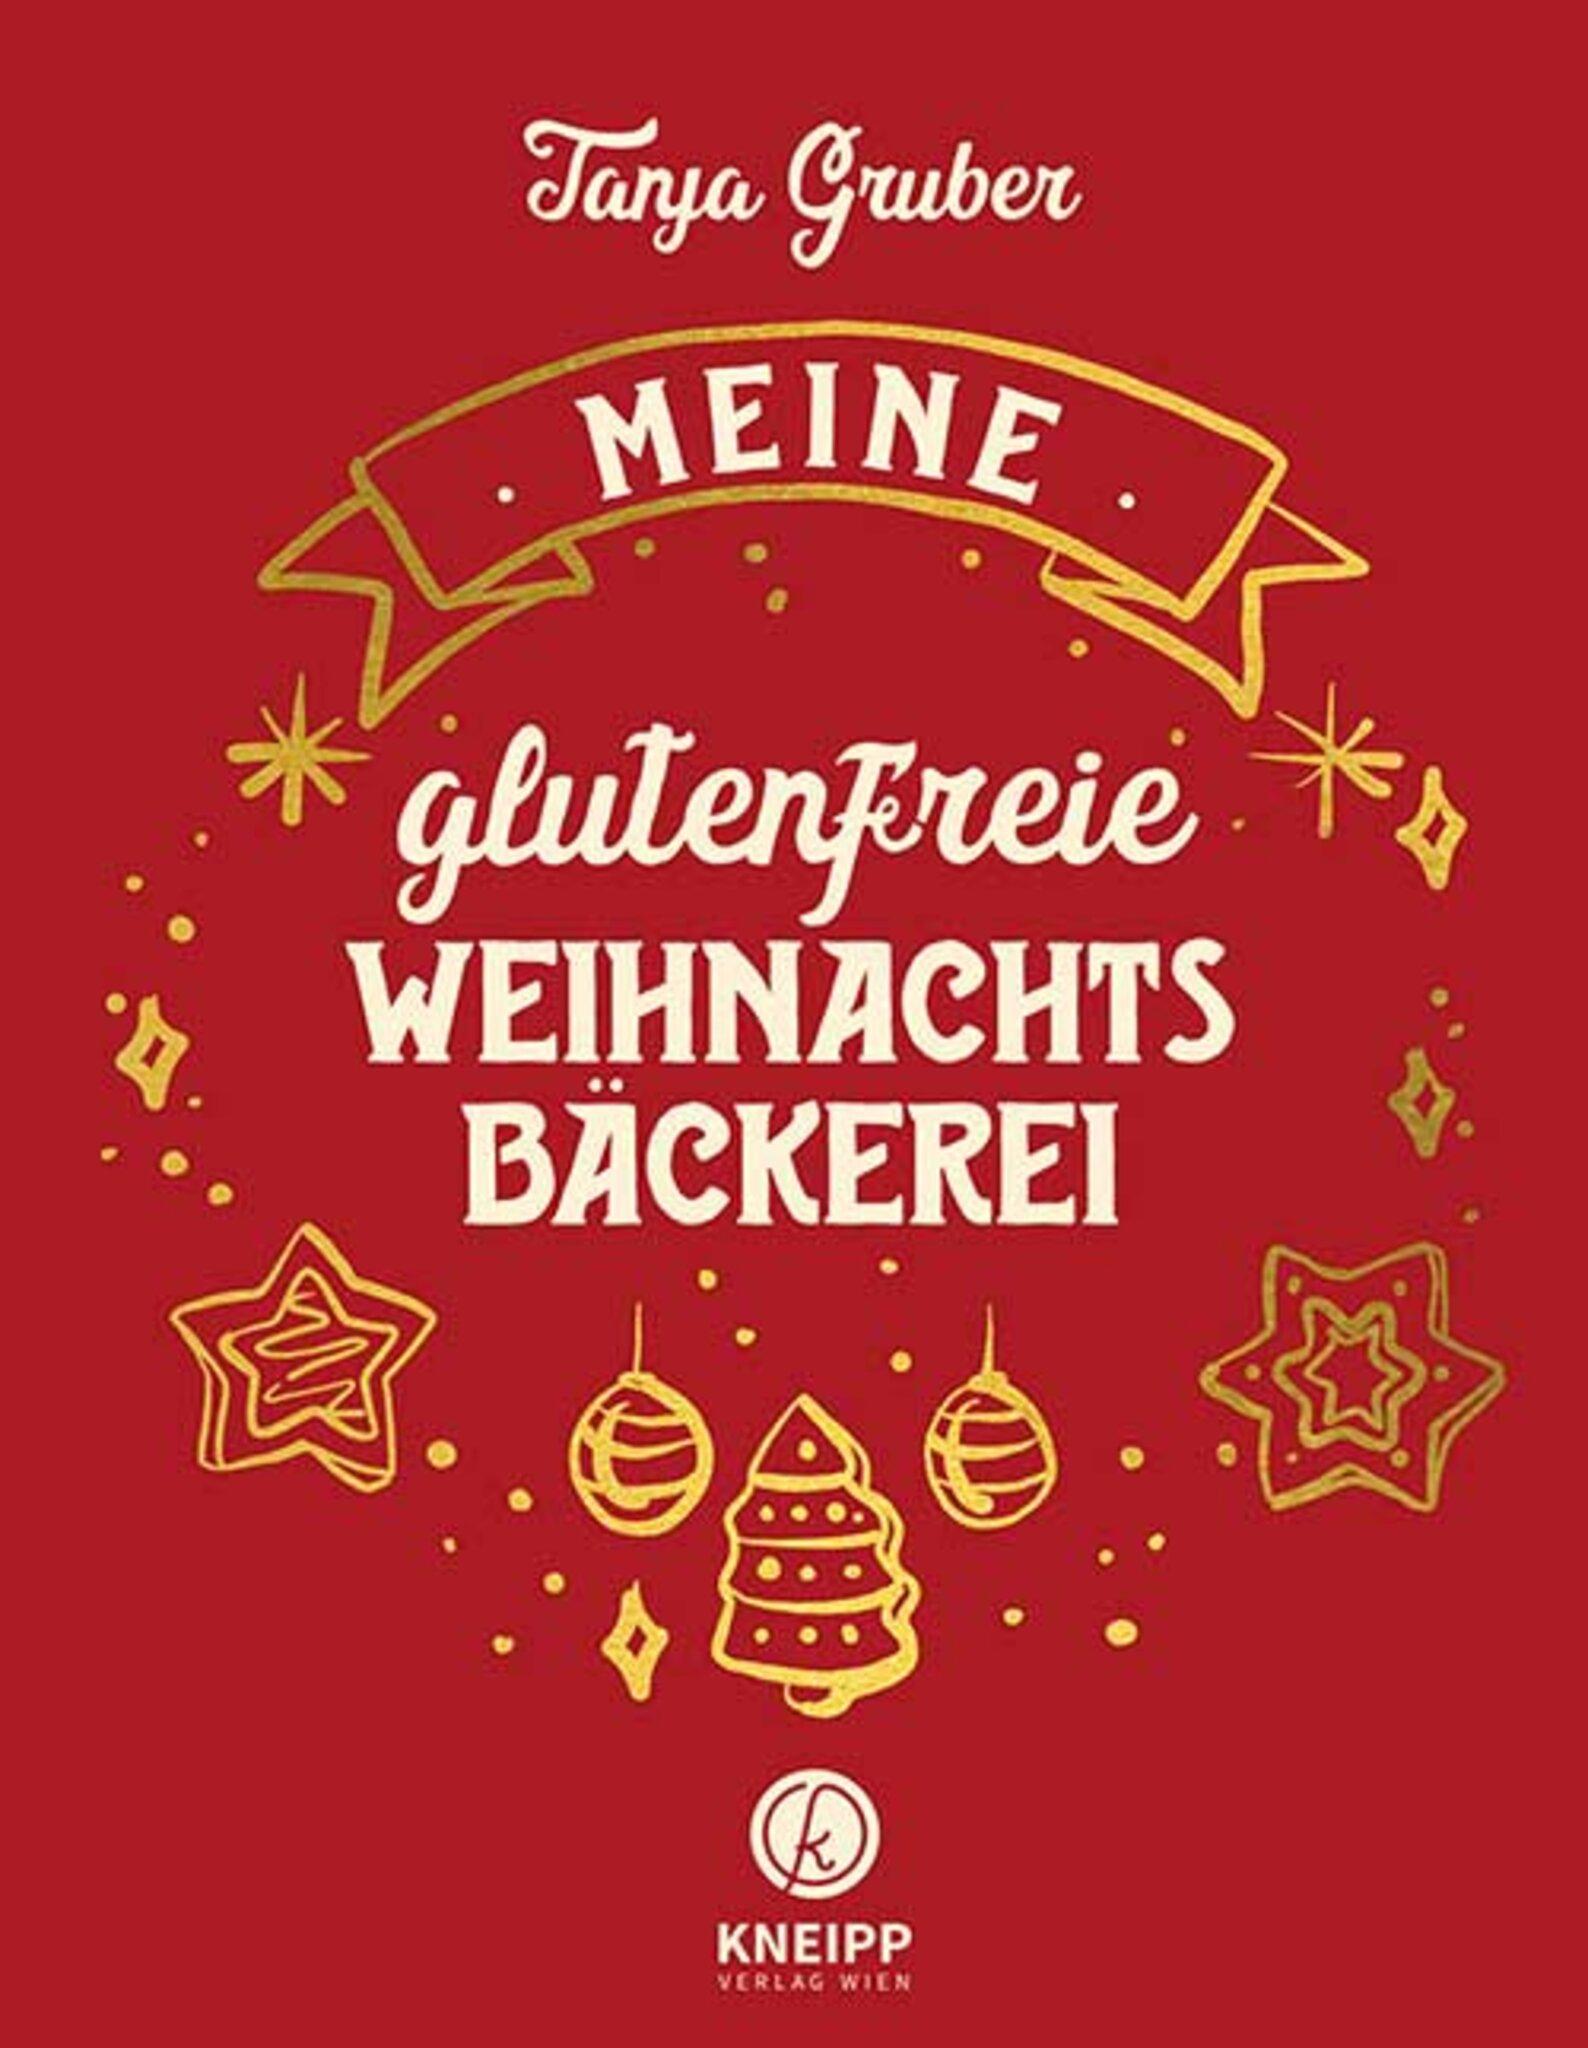 Meine glutenfreie  Weihnachtsbäckerei.